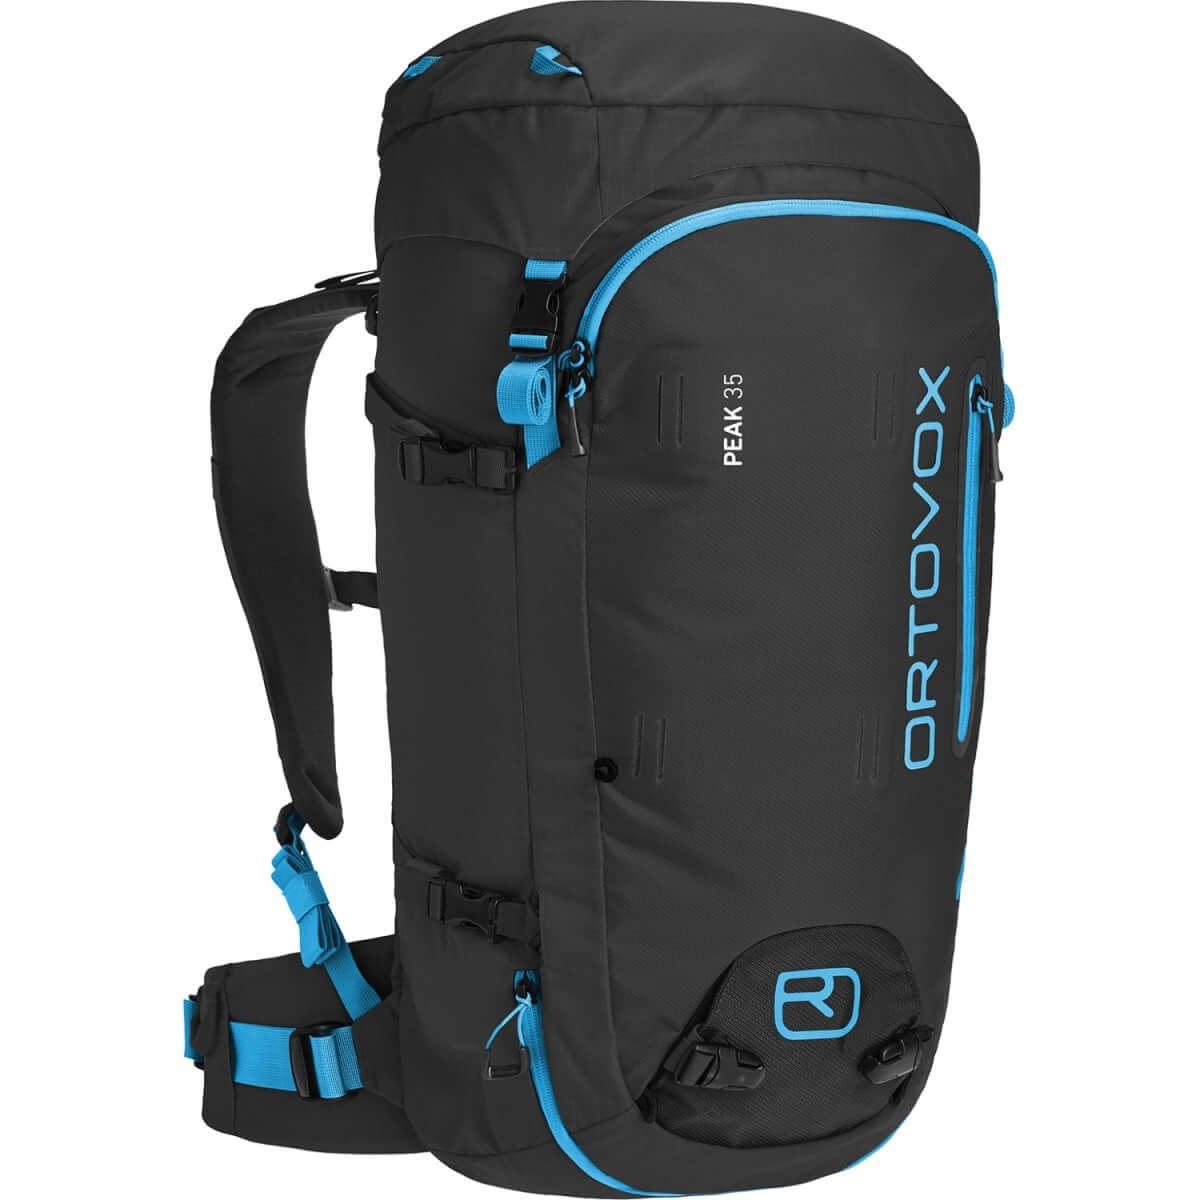 Bästa ultralätta ryggsäcken för vandring 2020 [Stort Test]